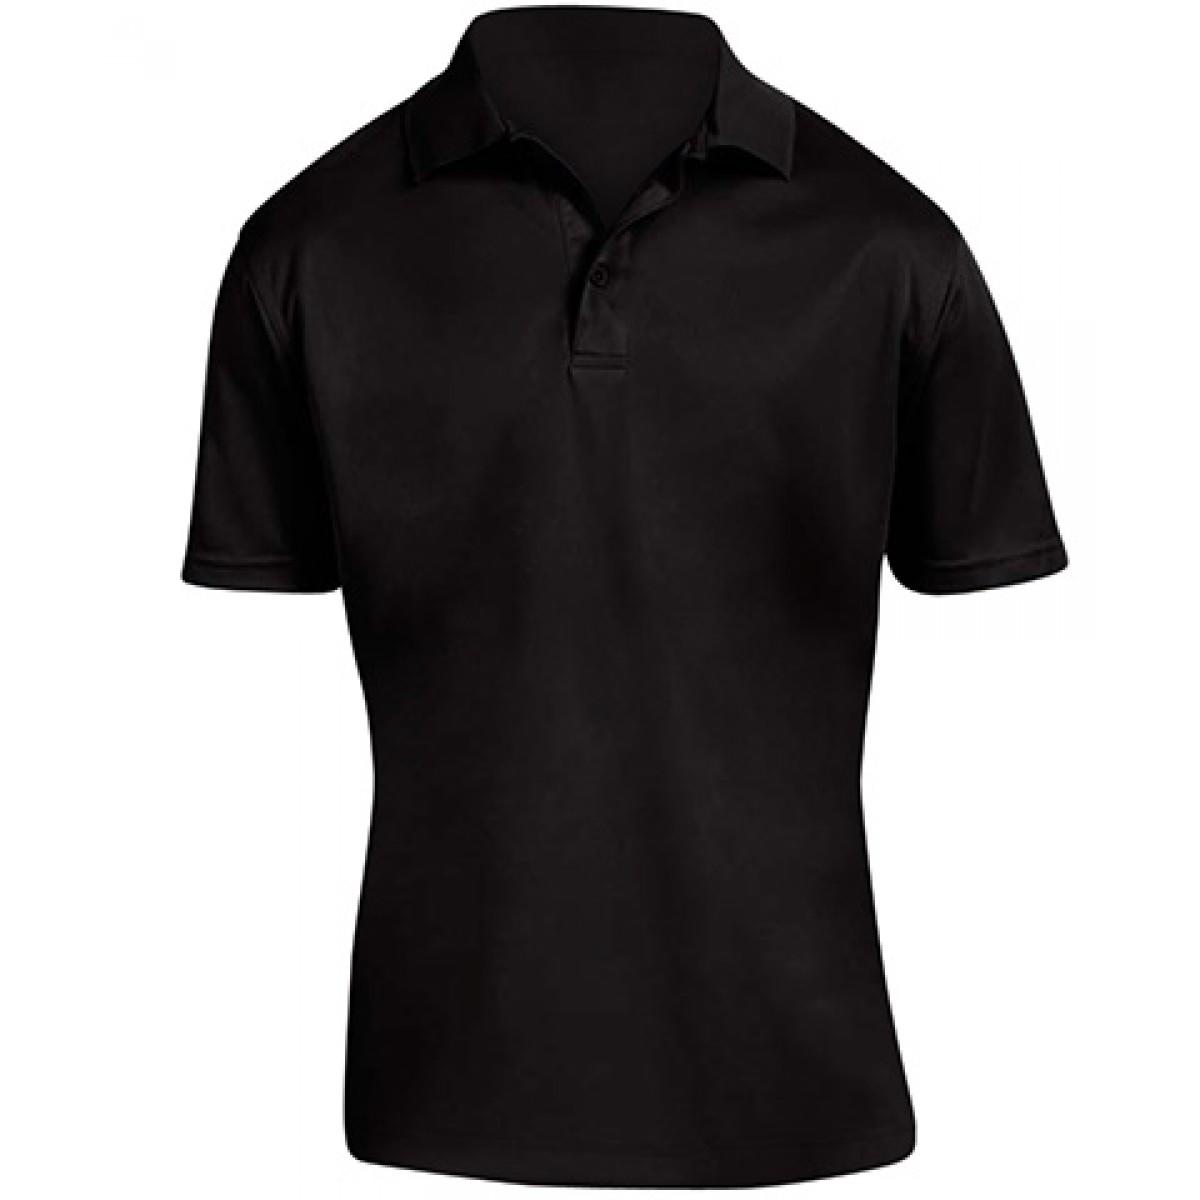 Men's 4 oz. Polytech Polo-Black-4XL